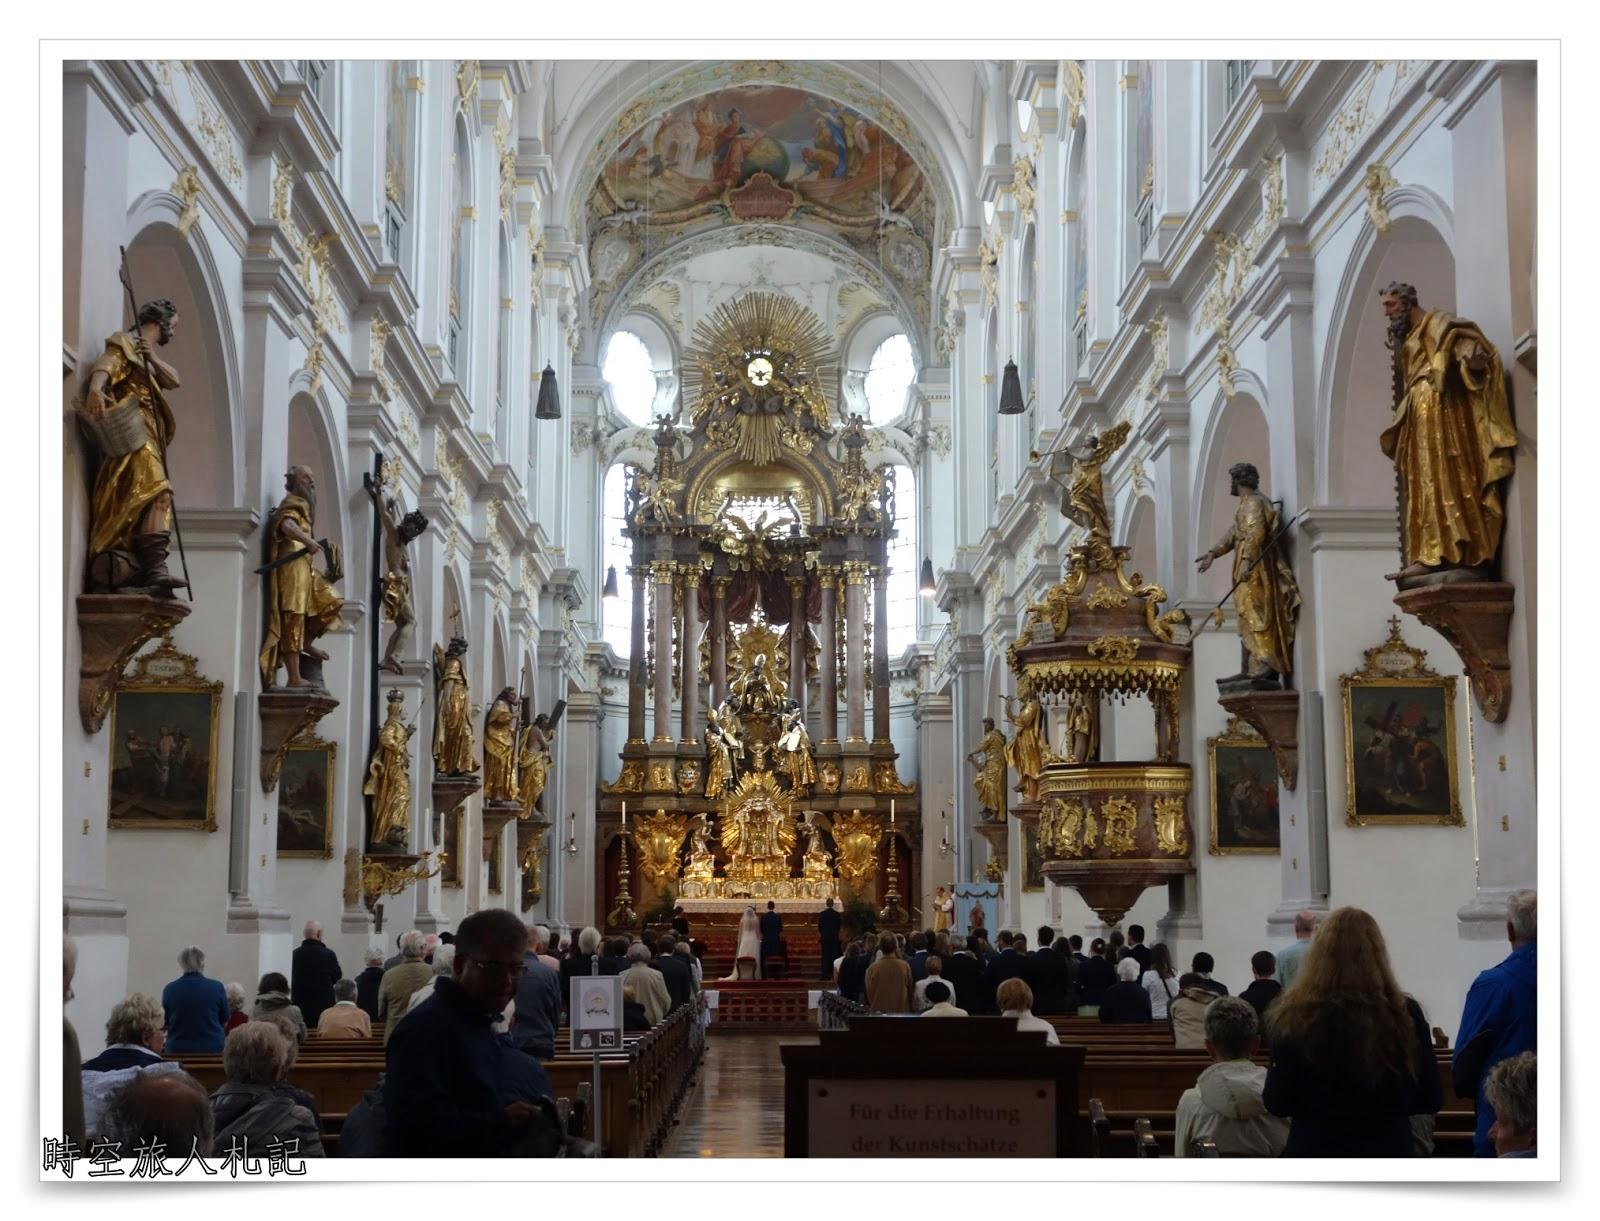 慕尼黑景點 (Part 3):  Peterskirche聖彼得教堂、Viktualienmarkt穀物市場